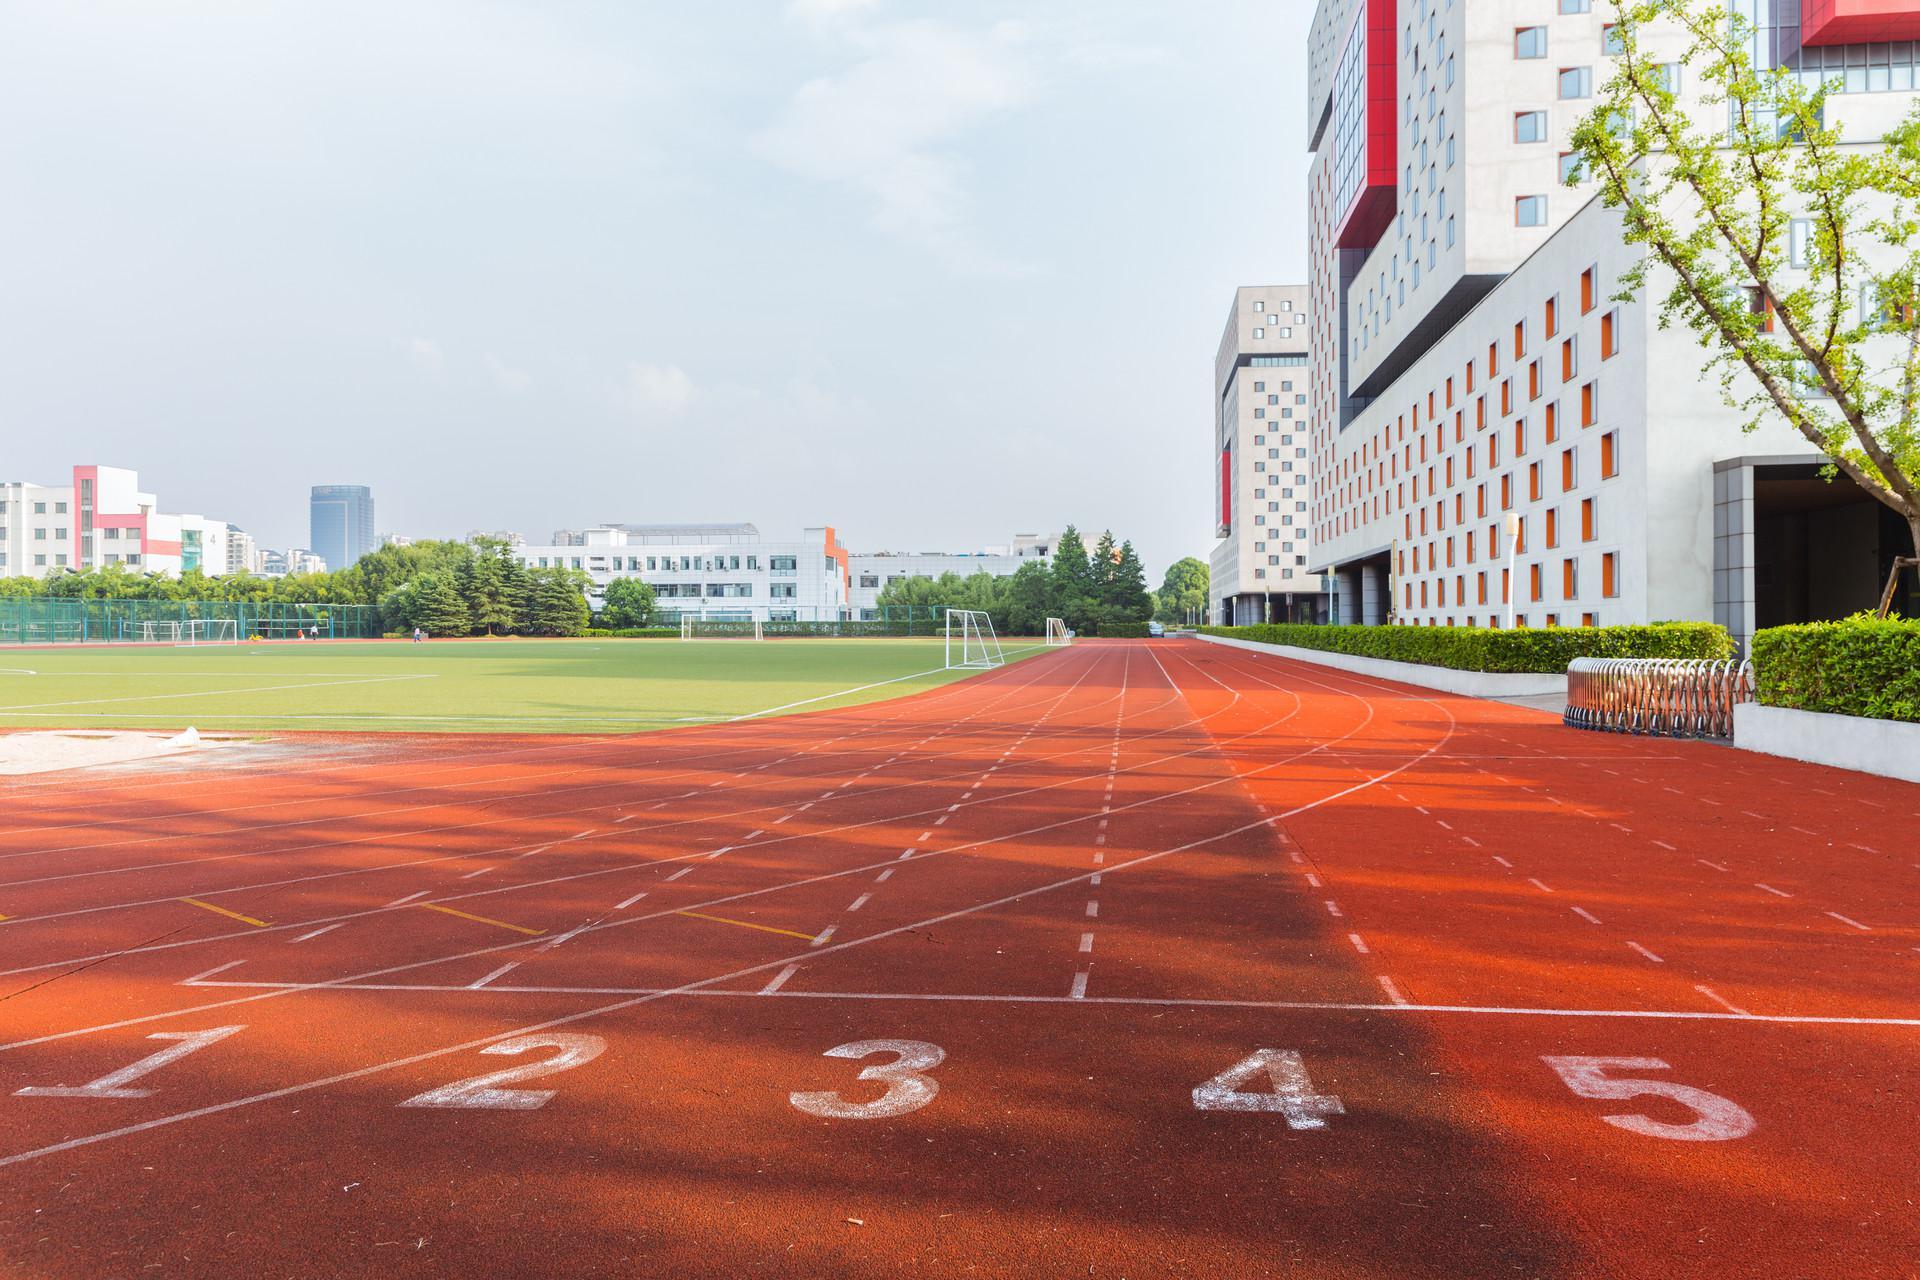 【大学对比】华农和南农到底哪个好?院校综合实力对比分析!